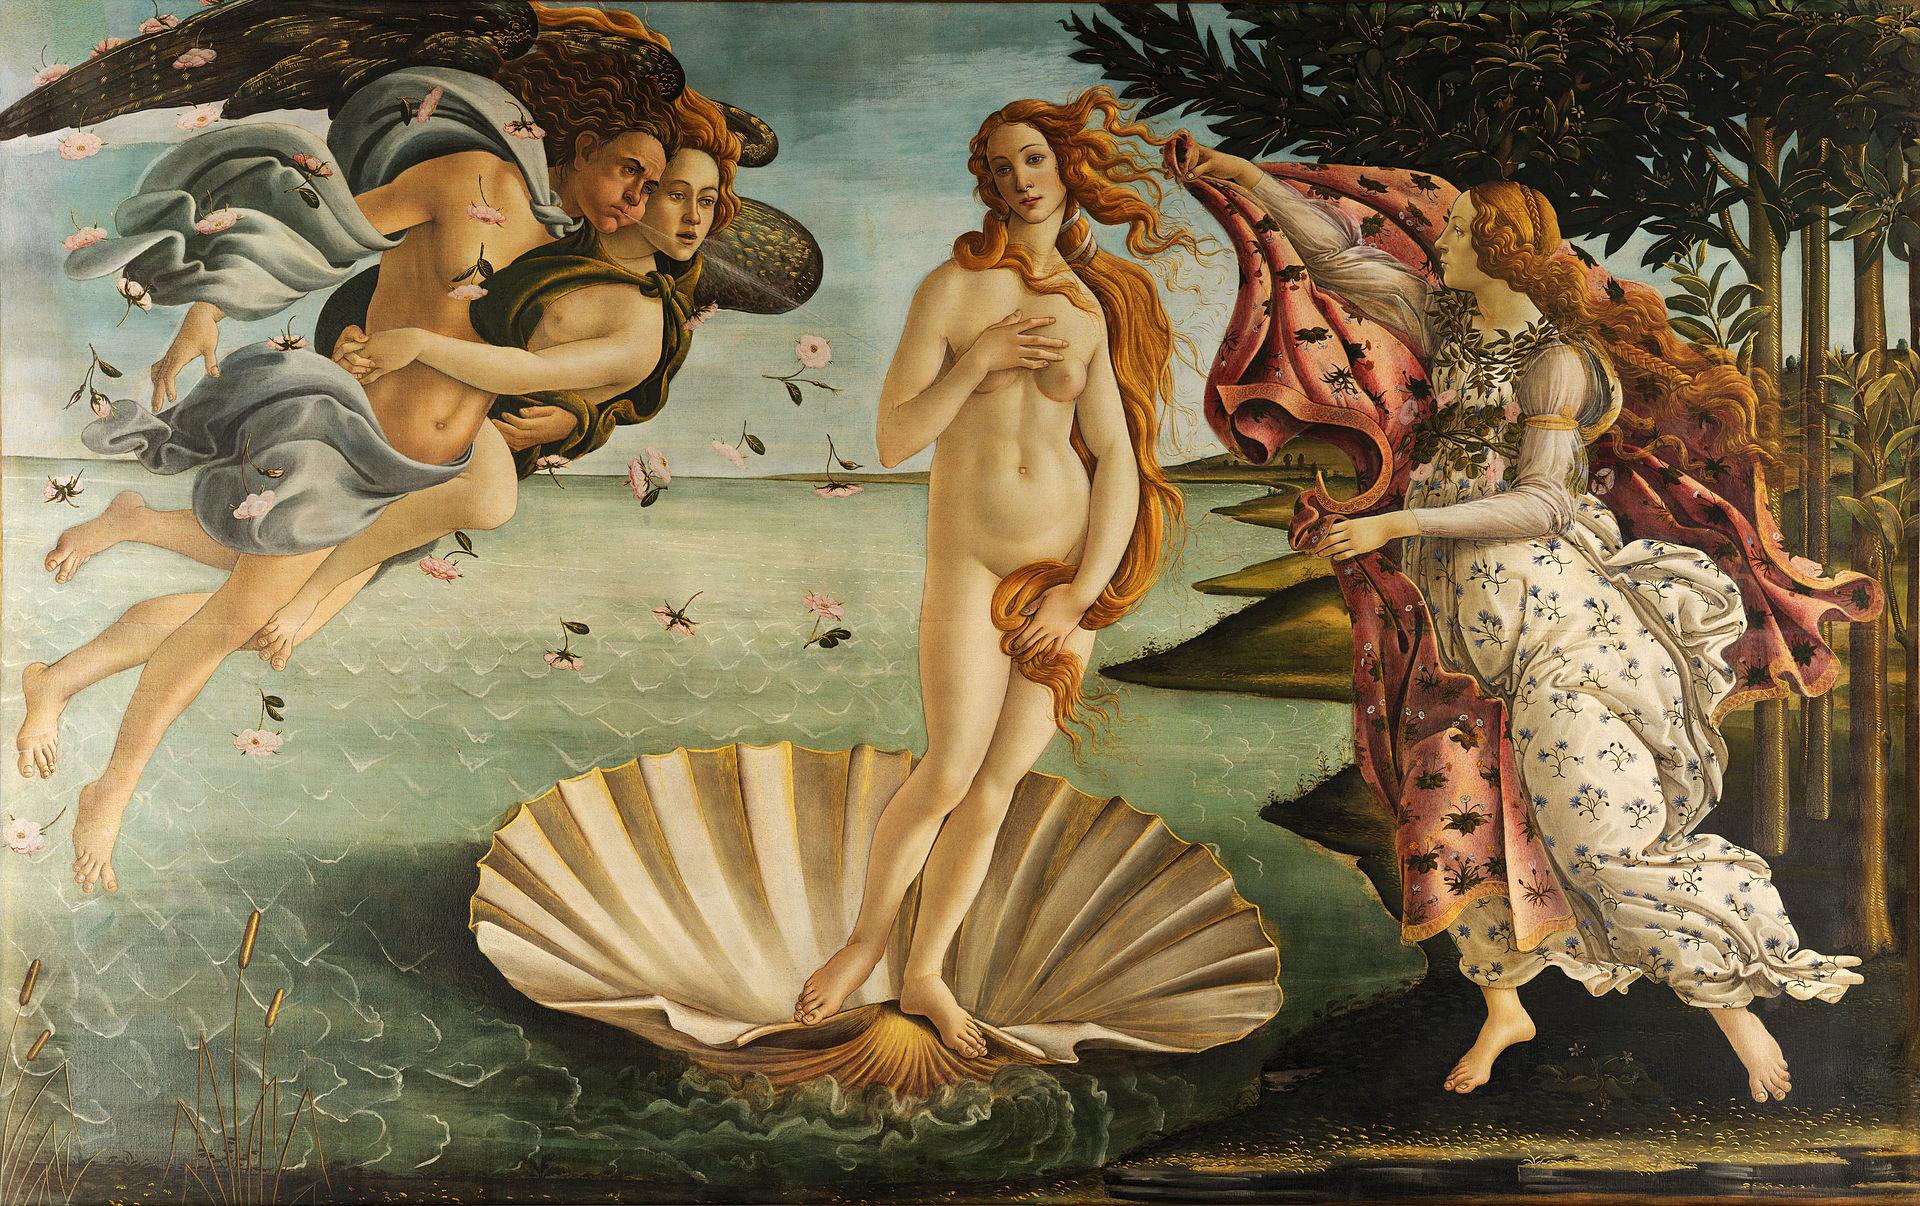 La nascita di Venere, di Sandro Botticelli (1482-85 c.)